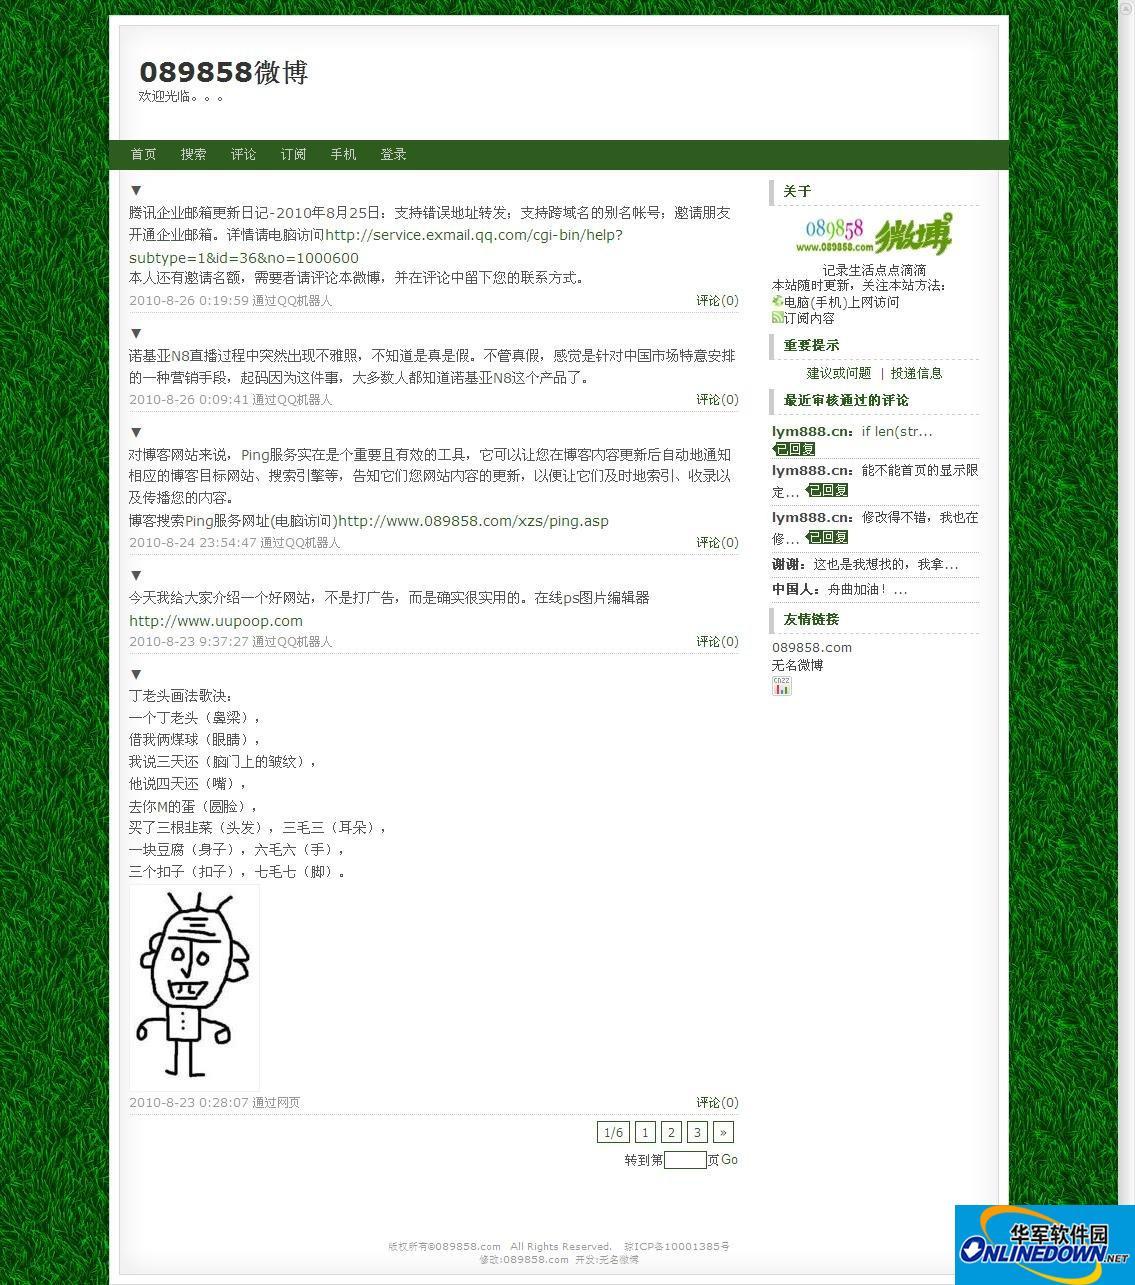 089858个人微博(单用户)